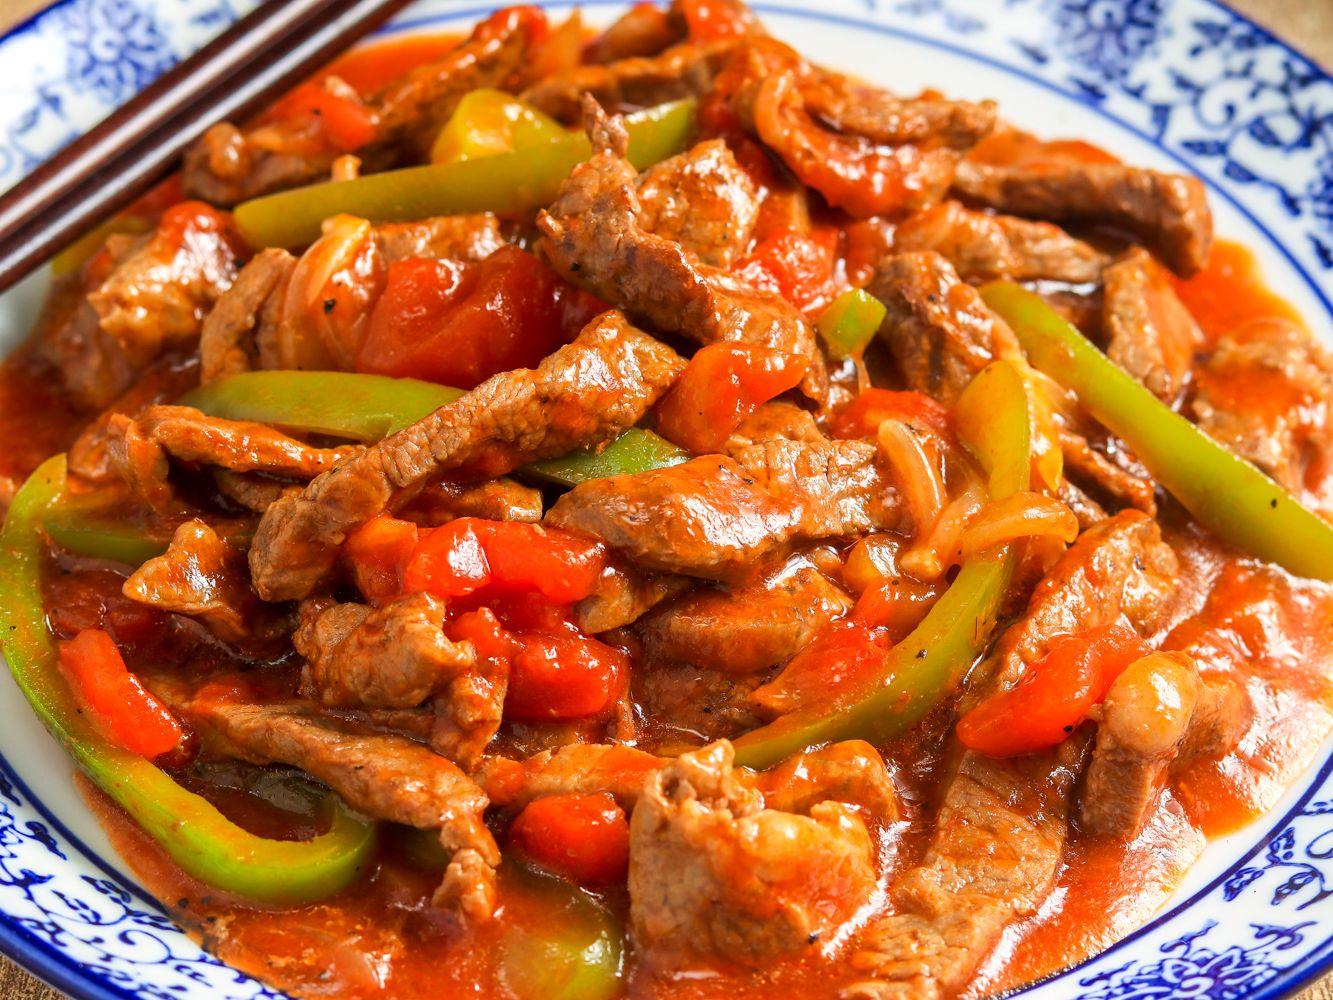 Pepper Steak Recipe With Sirloin Tips Recipe